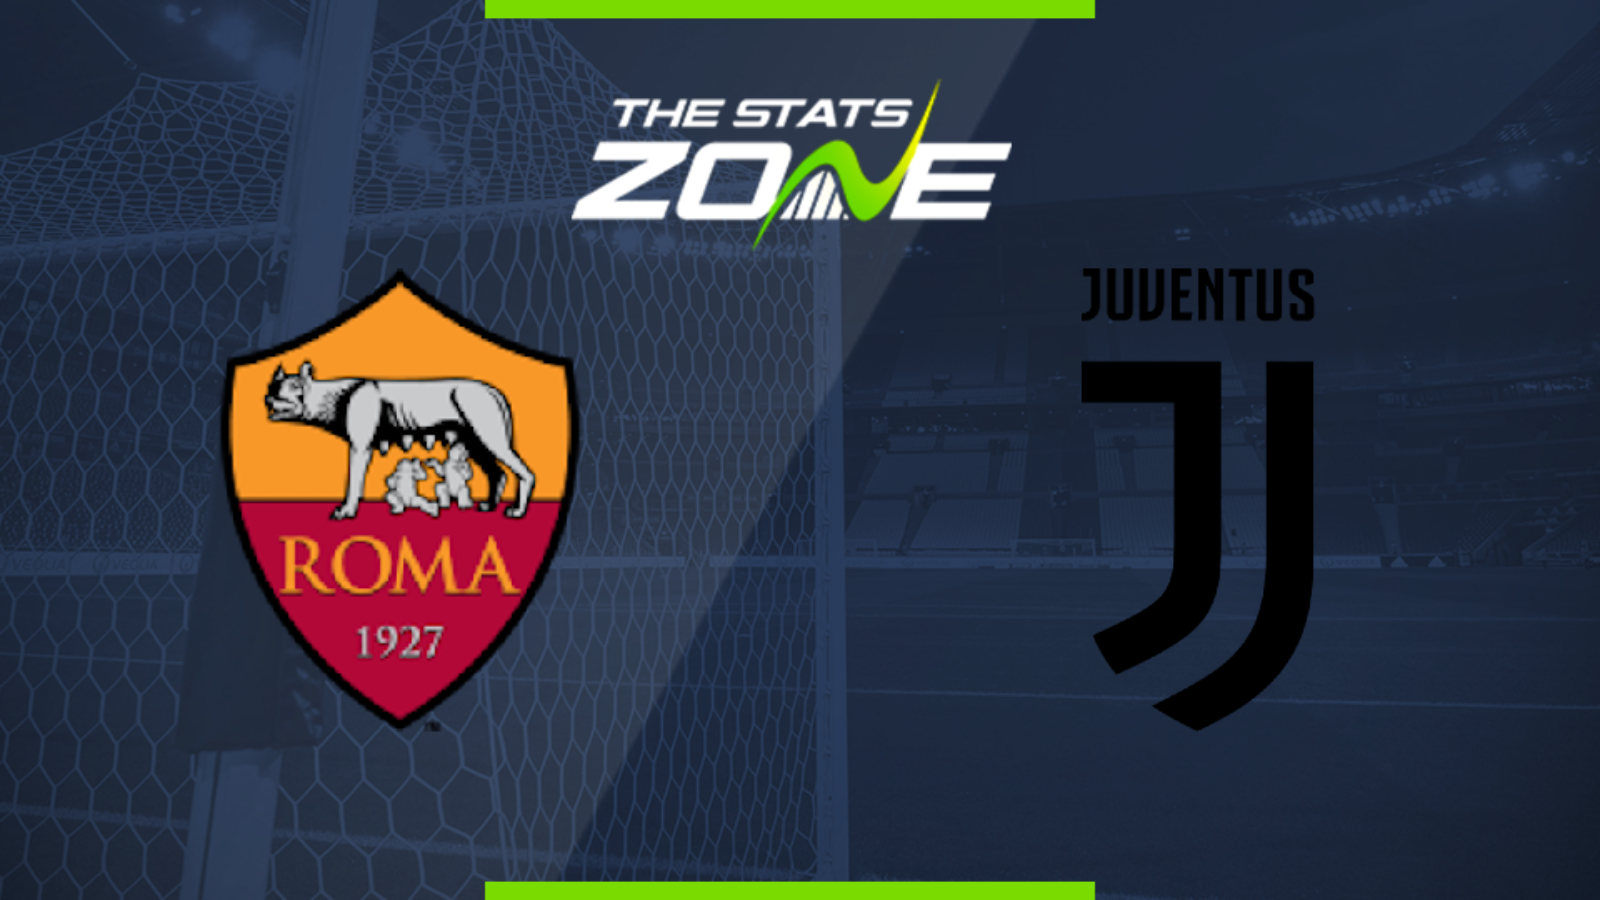 juventus vs roma - photo #13